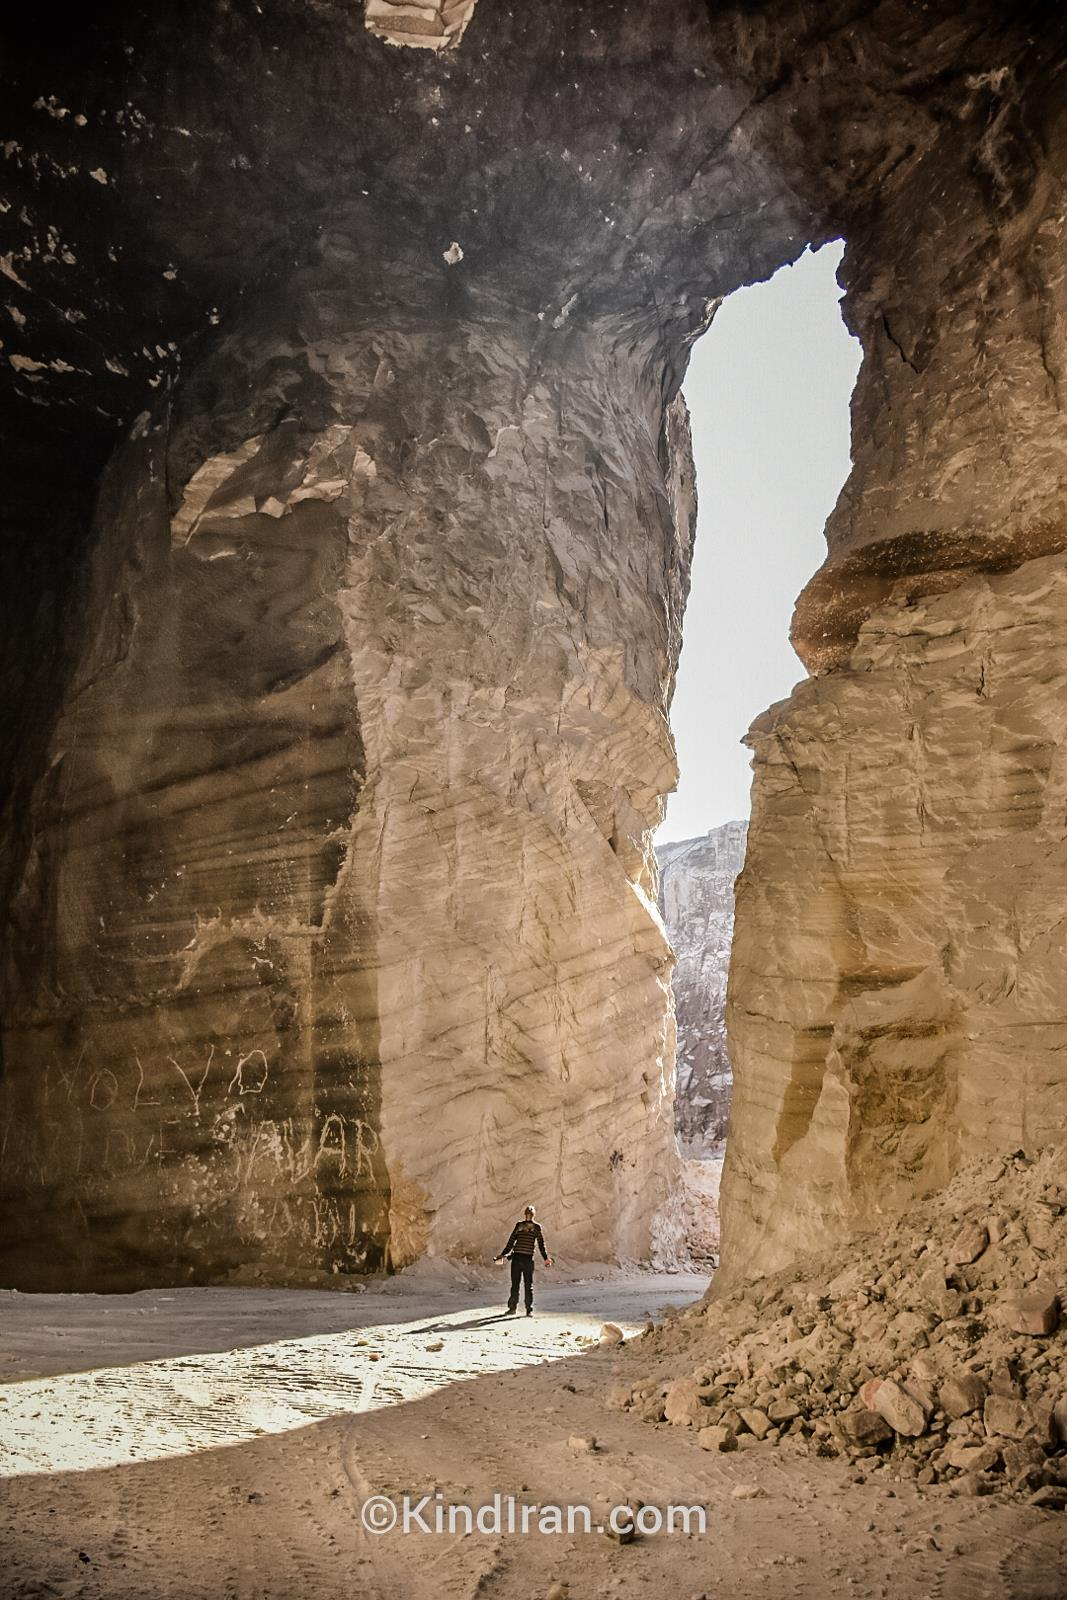 معادن نمک گرمسار؛ تونلهایی از جنسی متفاوت